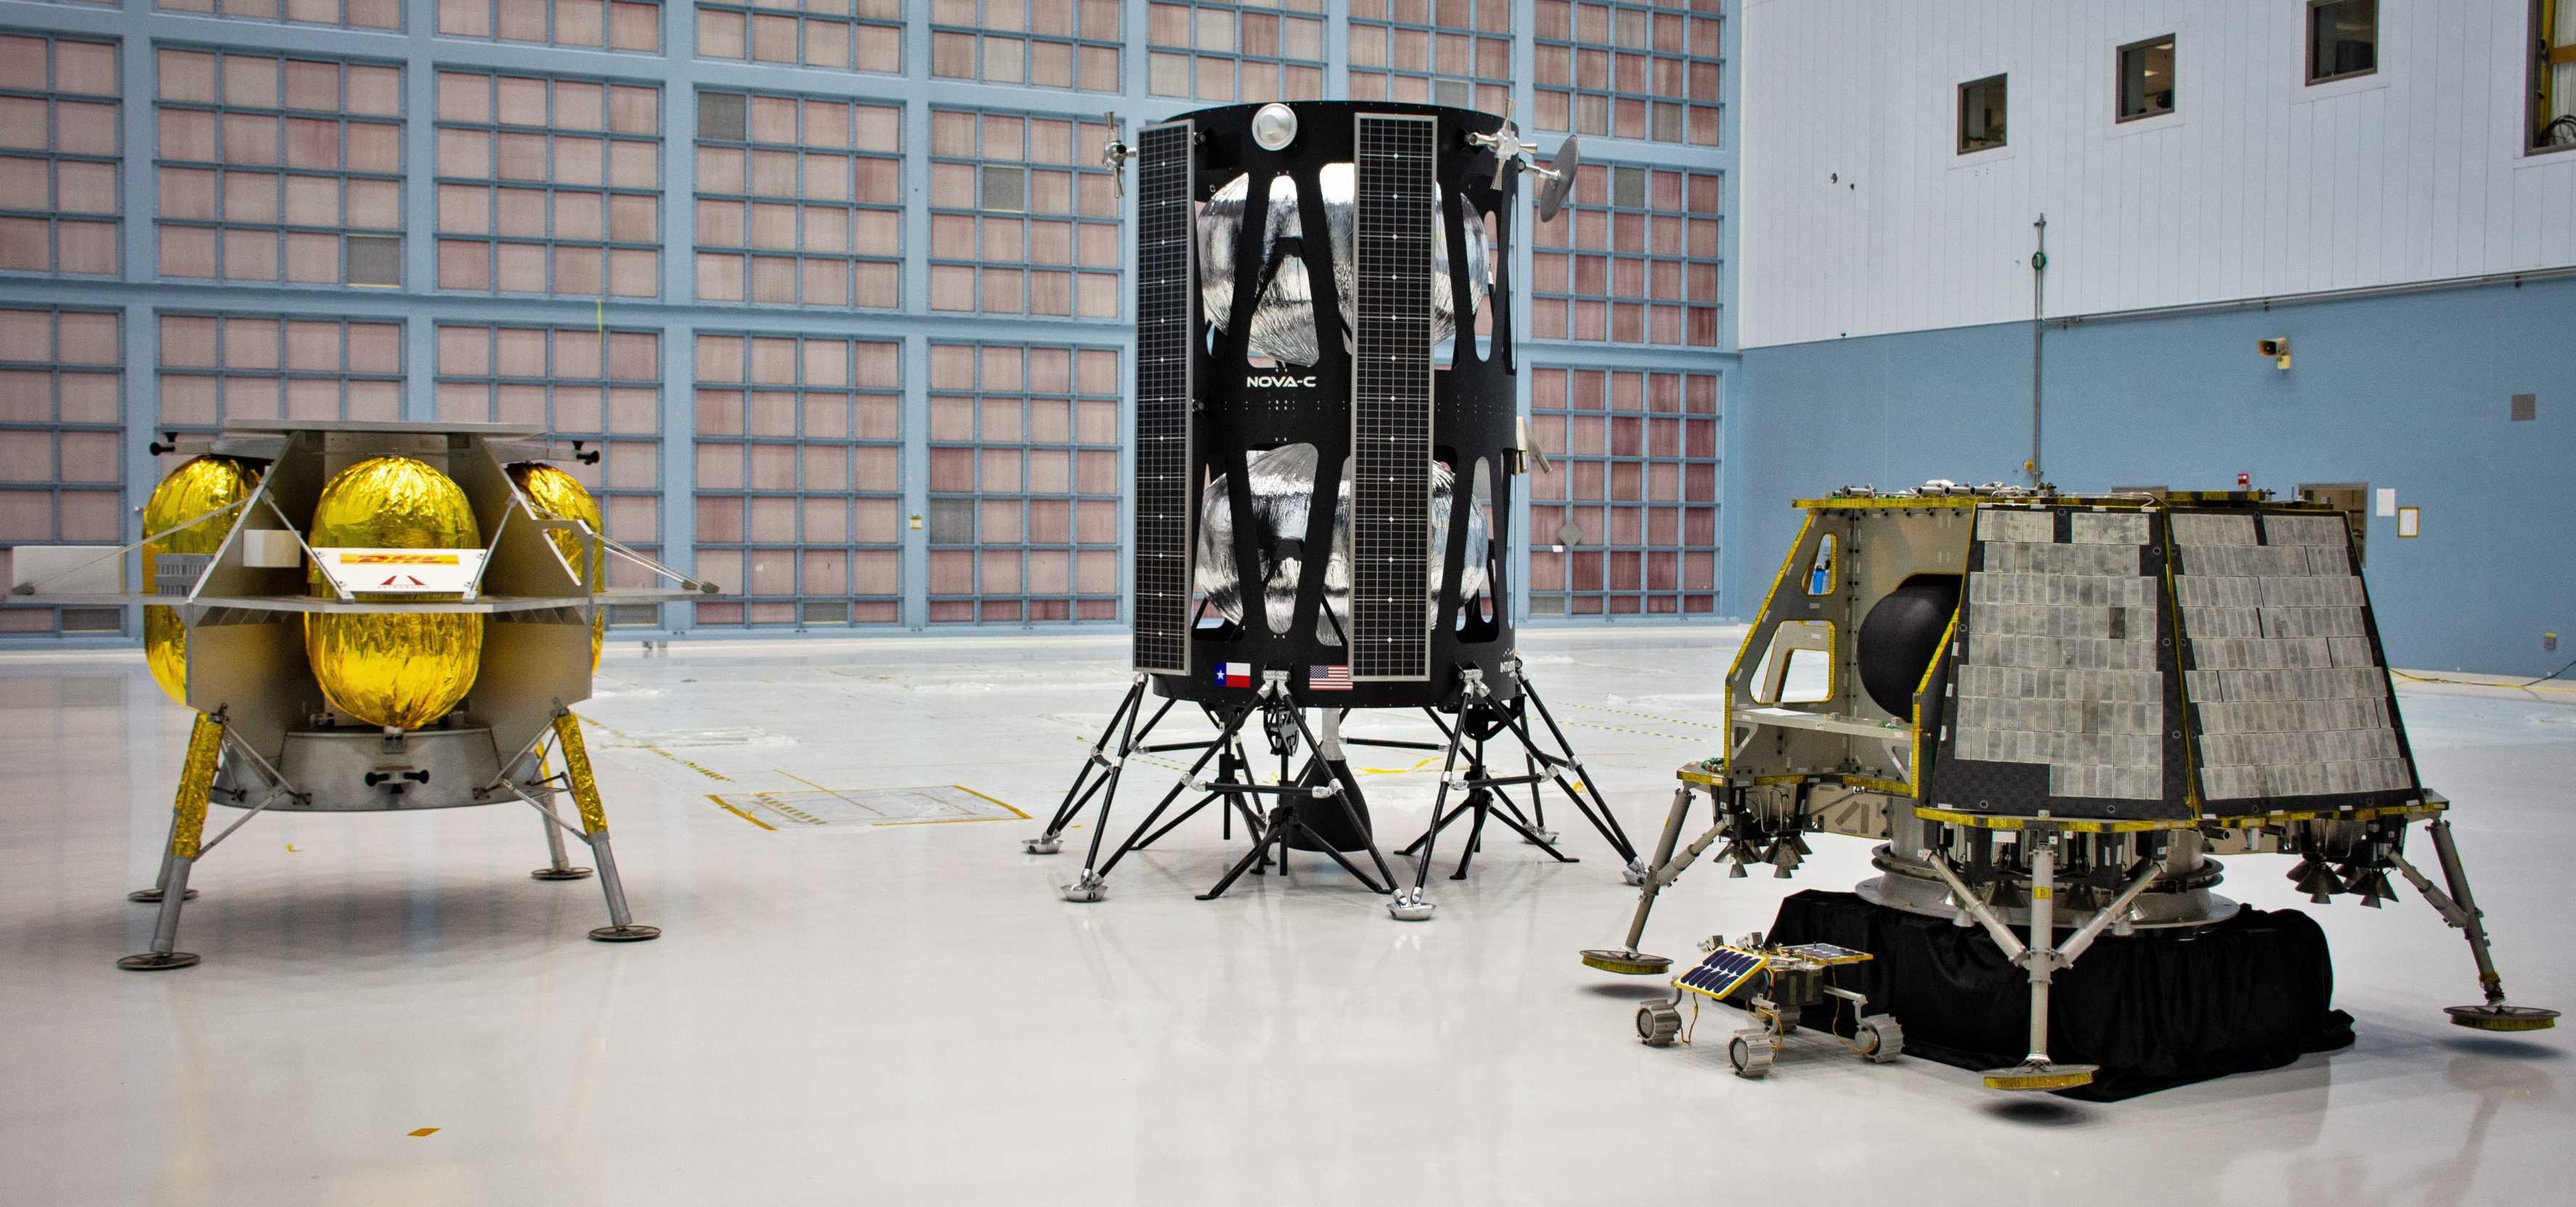 CLPS commercial Moon lander awards 053119 (NASA) 2 (c)